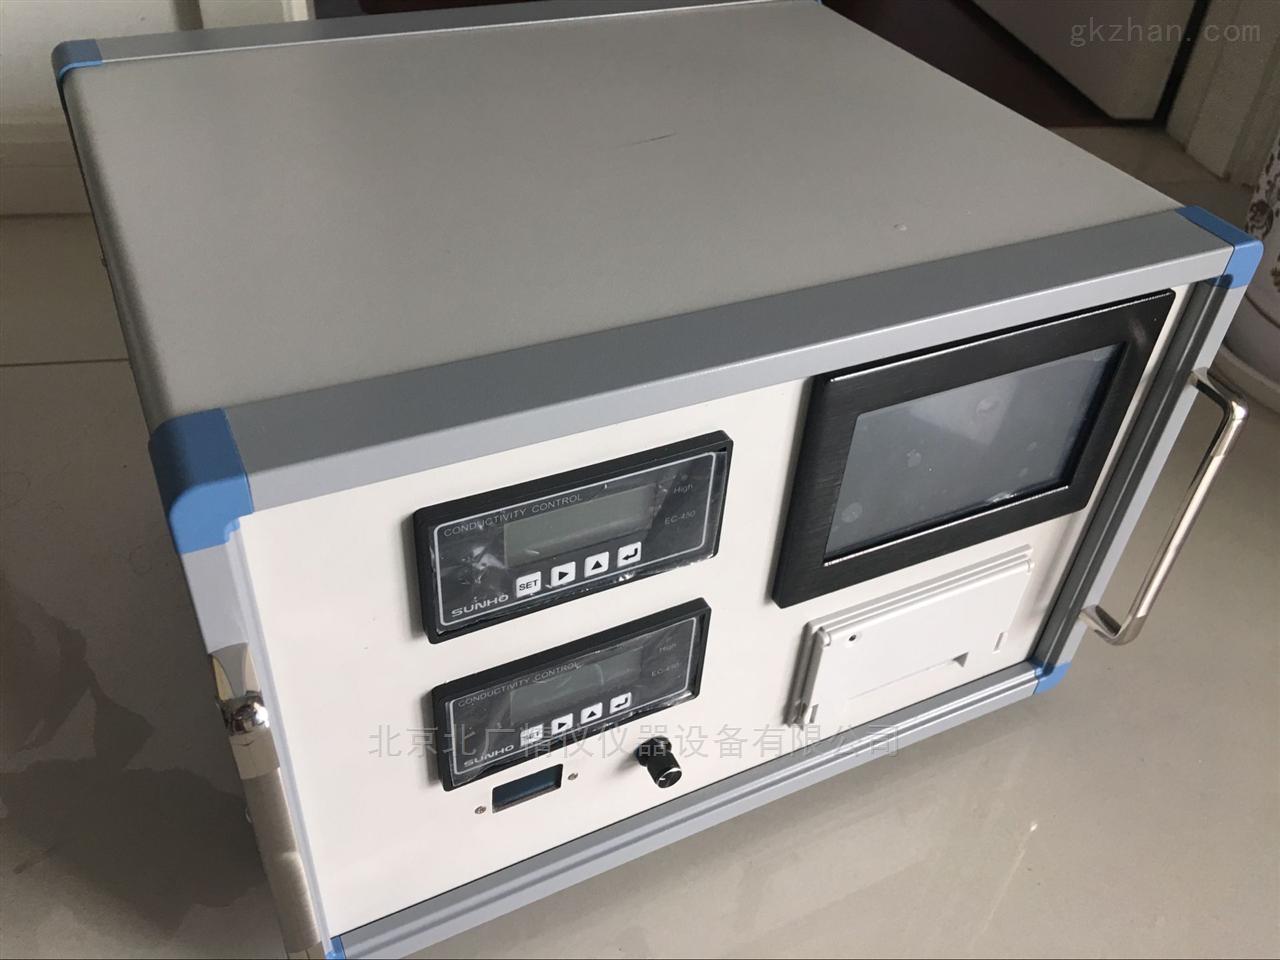 純化水總有機碳分析儀BC-40A